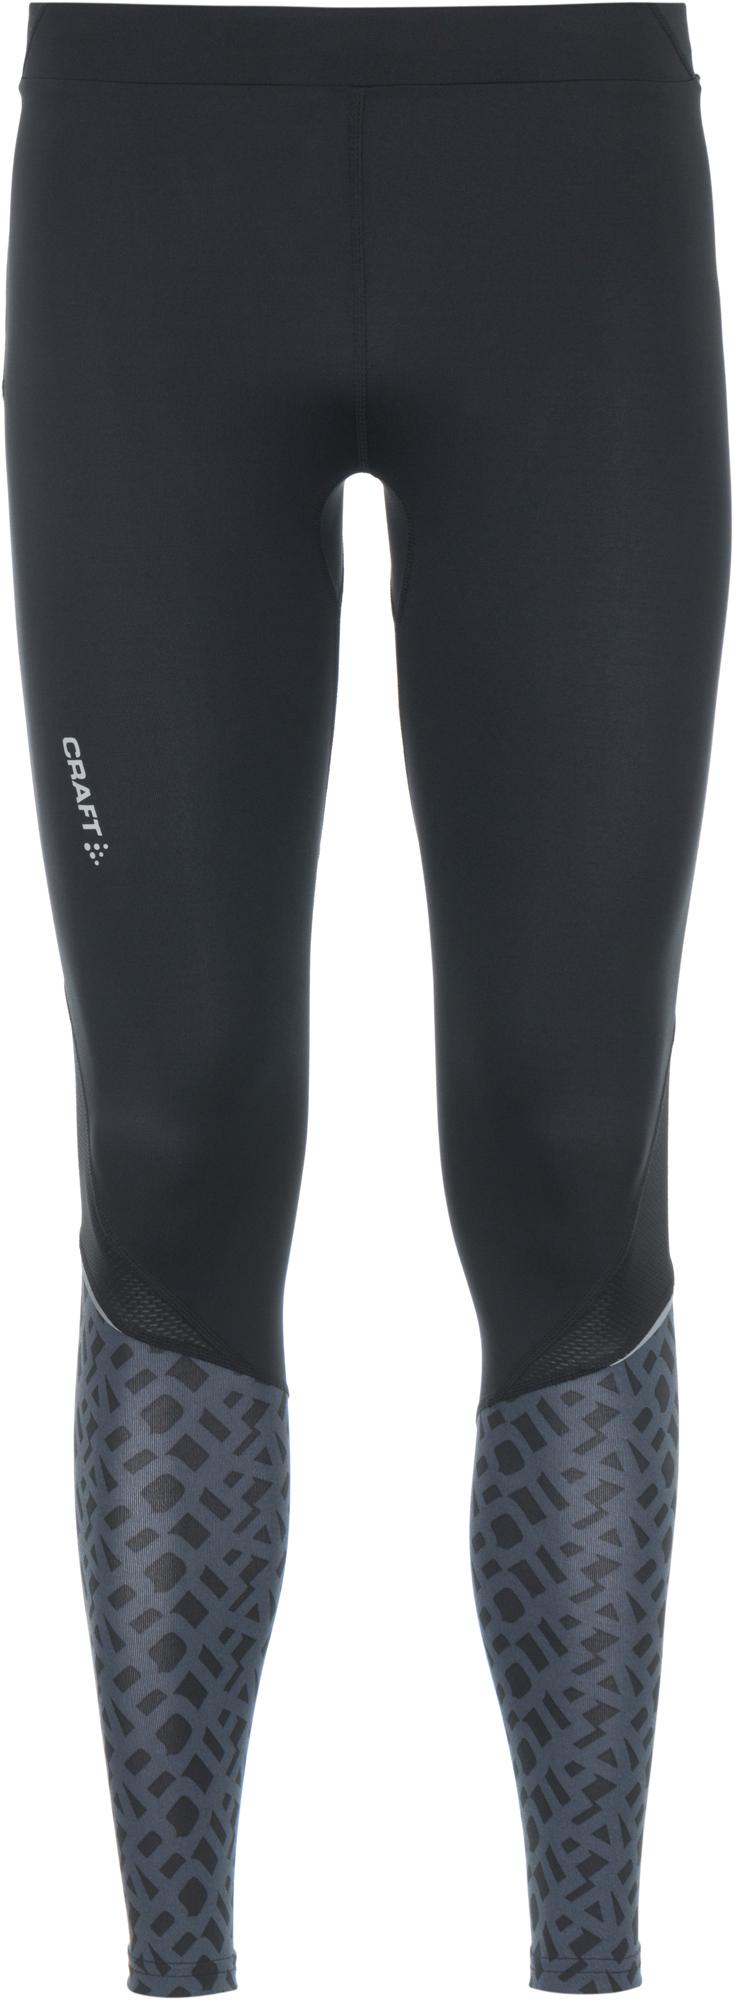 Craft Брюки мужские Craft Breakaway брюки спортивные мужские craft deft цвет черный 1904880 998000 размер m 48